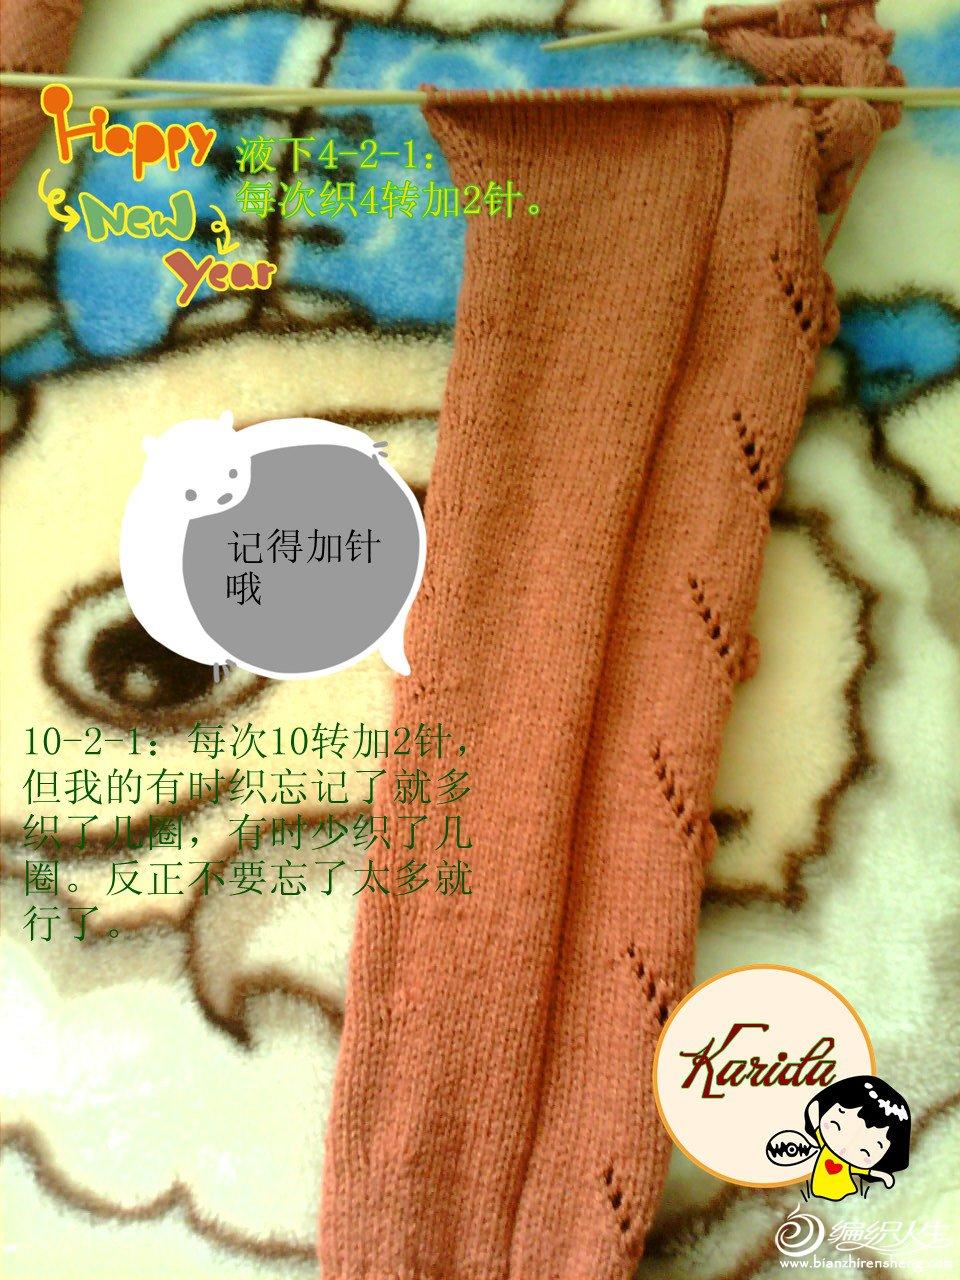 20130125_1351_0.jpg